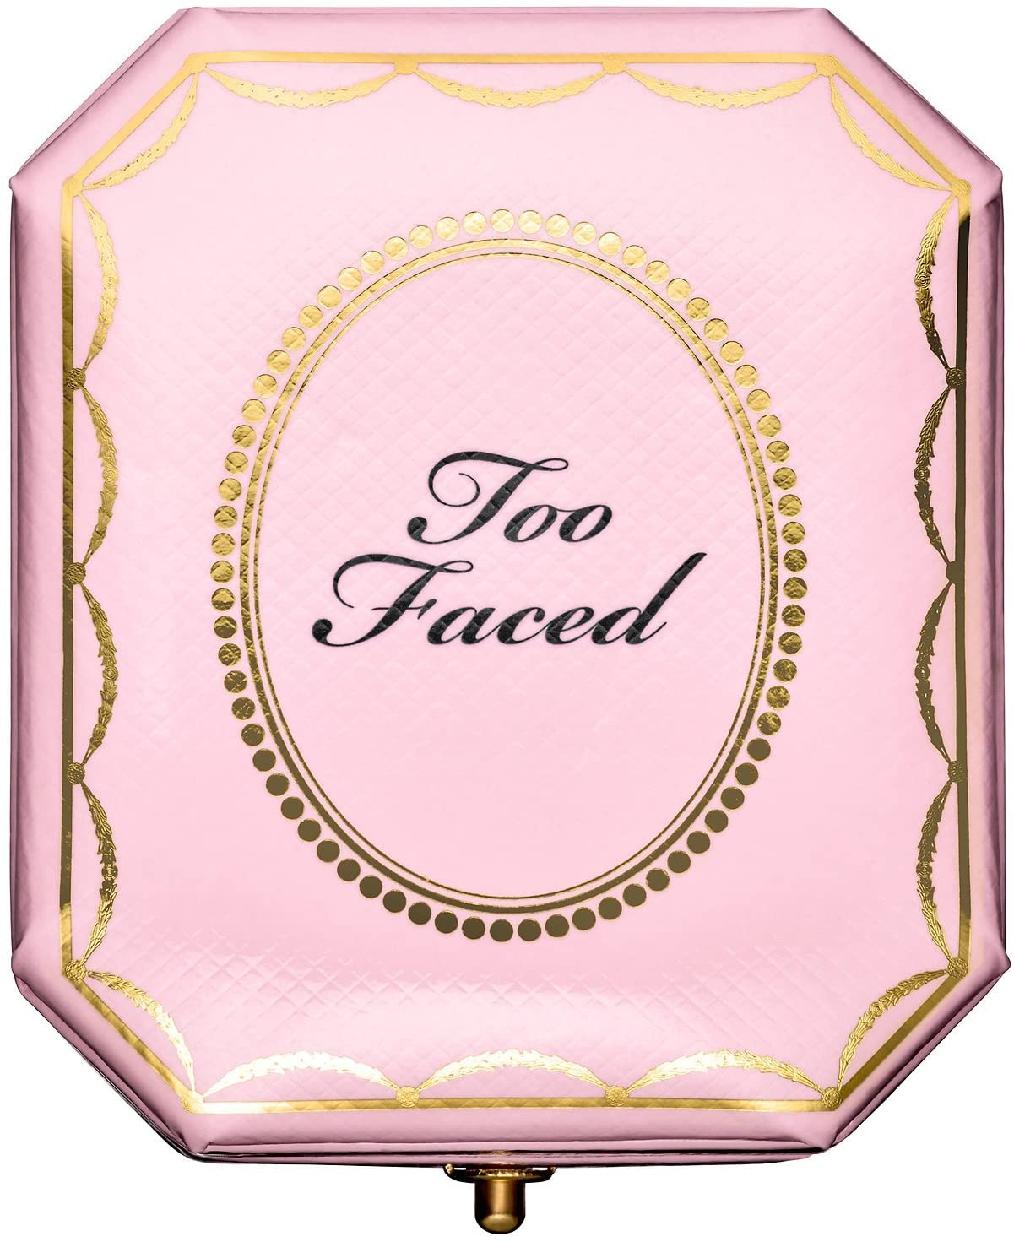 Too Faced(トゥーフェイスド) ダイヤモンドライト マルチユース ハイライターの商品画像2